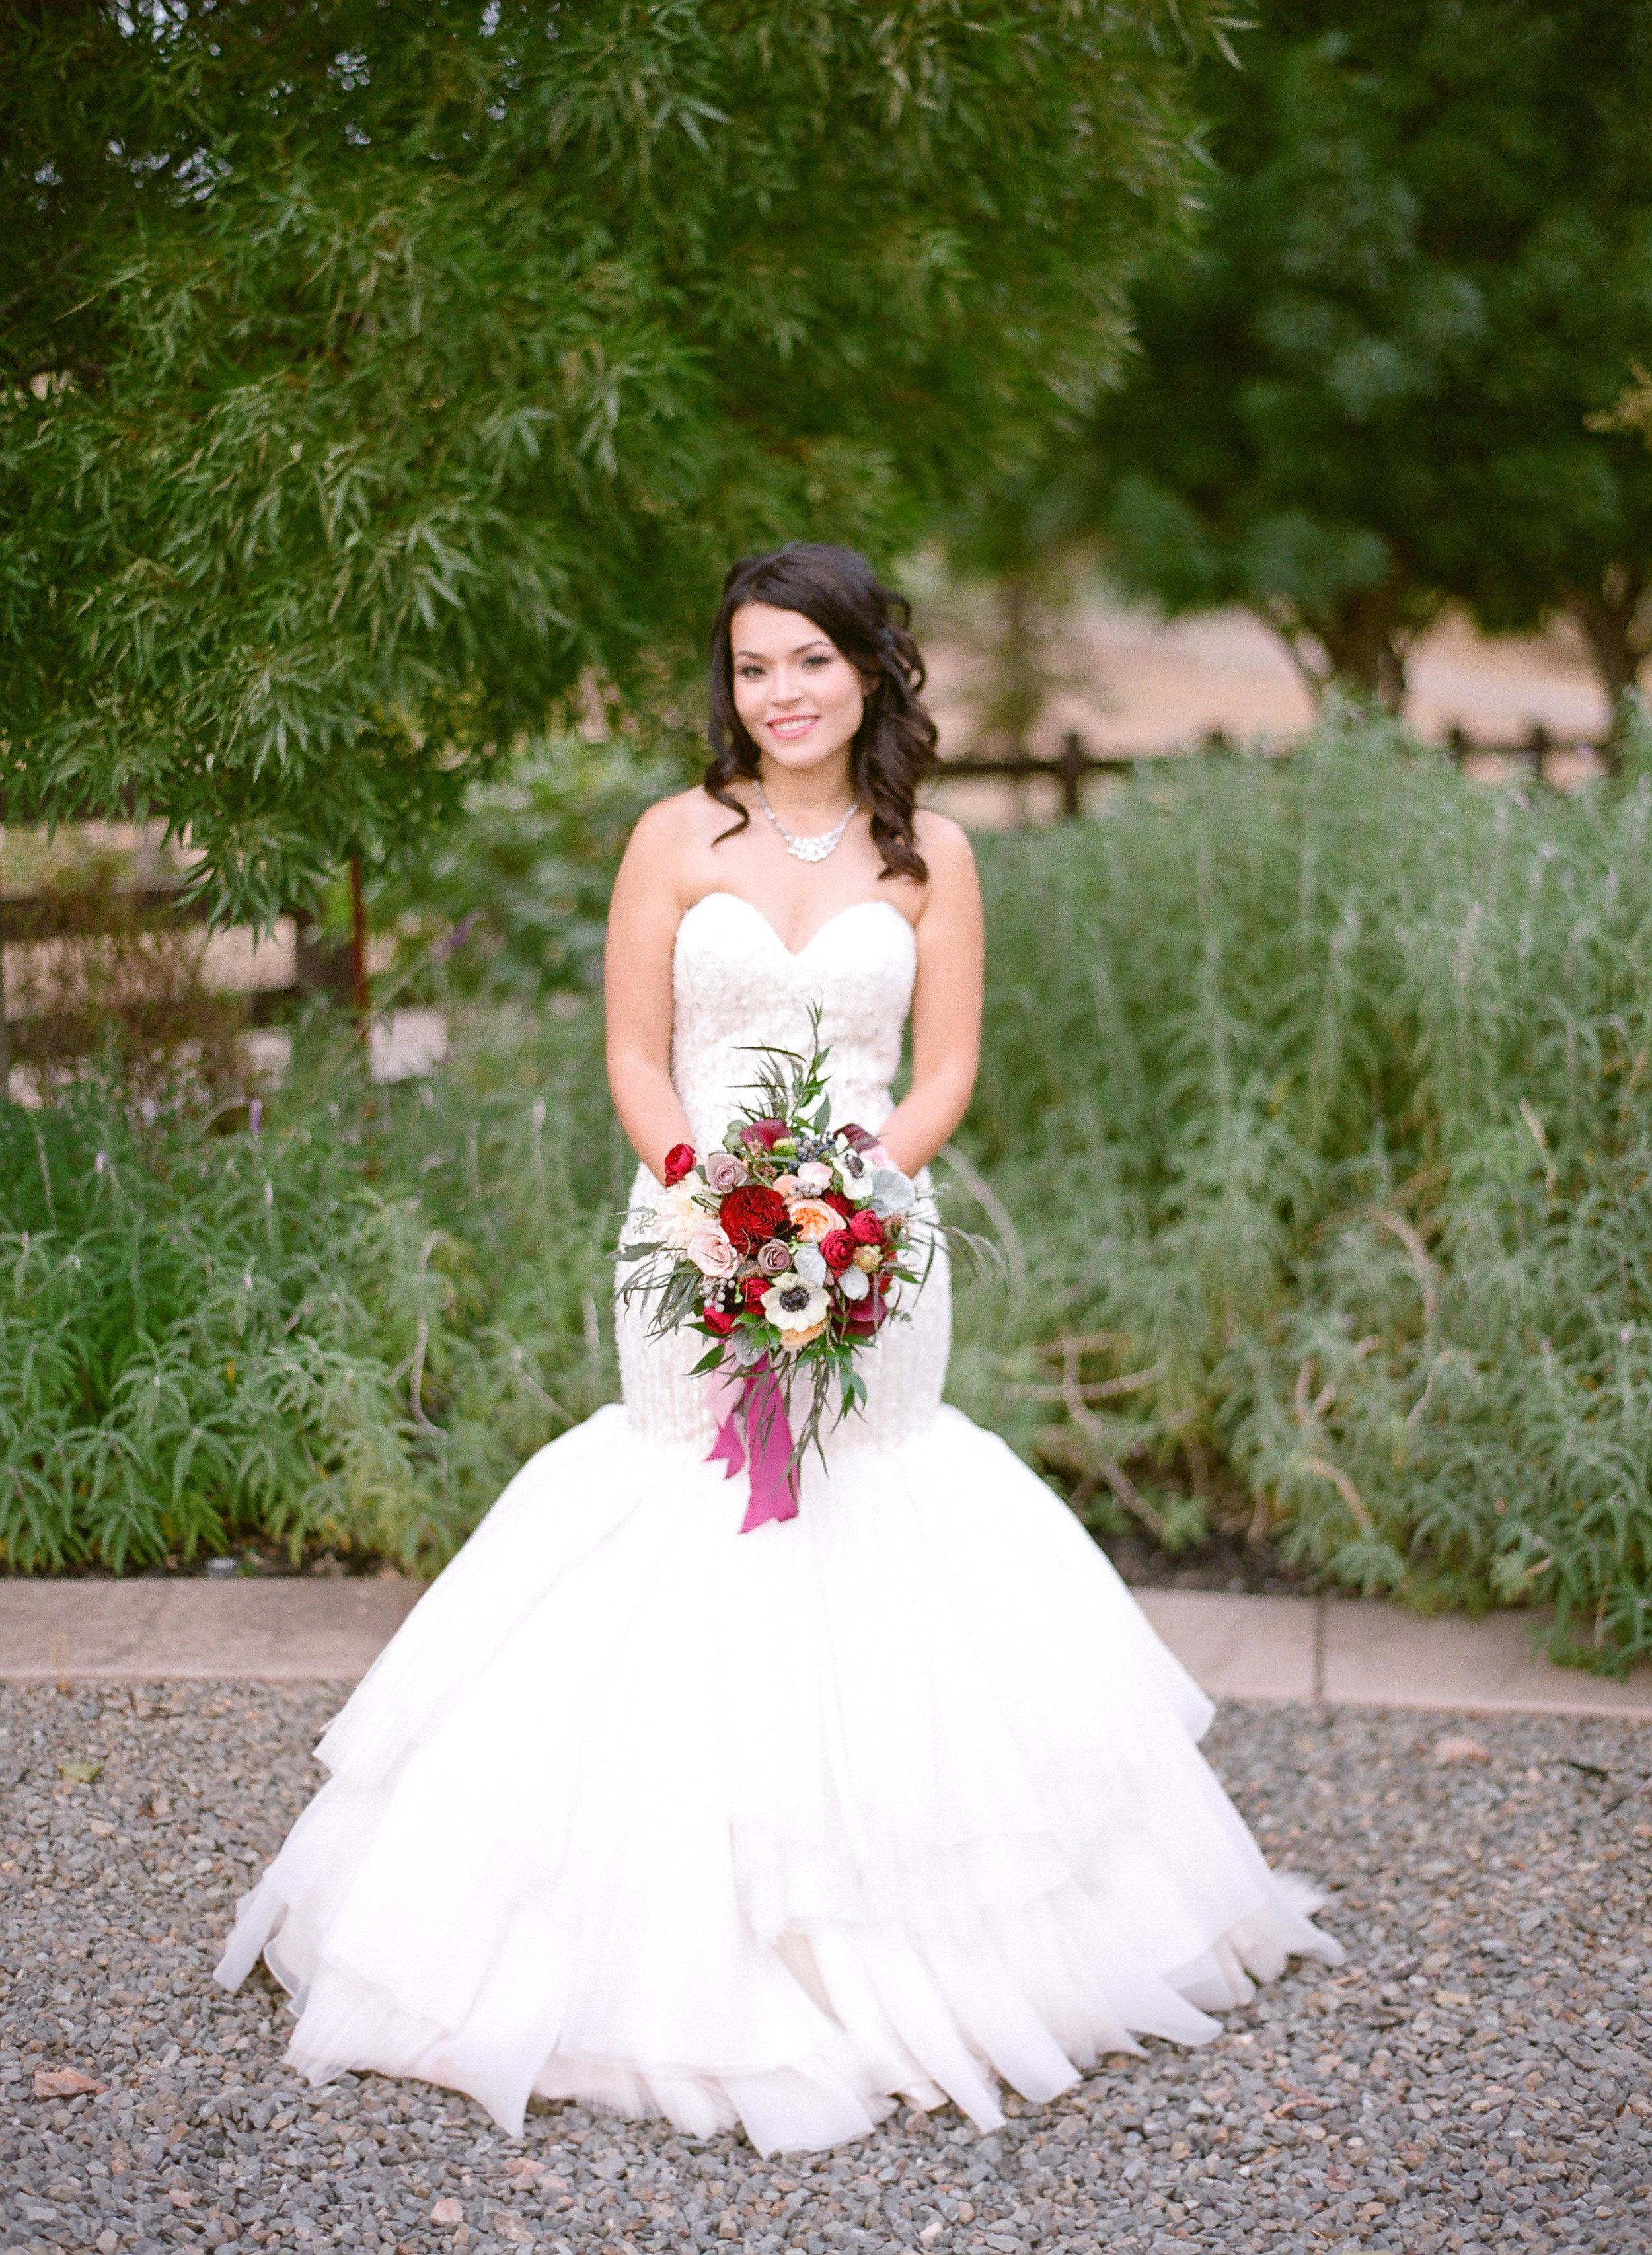 Amador_County_Wedding_Bride_Bridal_Bouquet_Rancho_Victoria_Vineyard_Northern_California.jpg